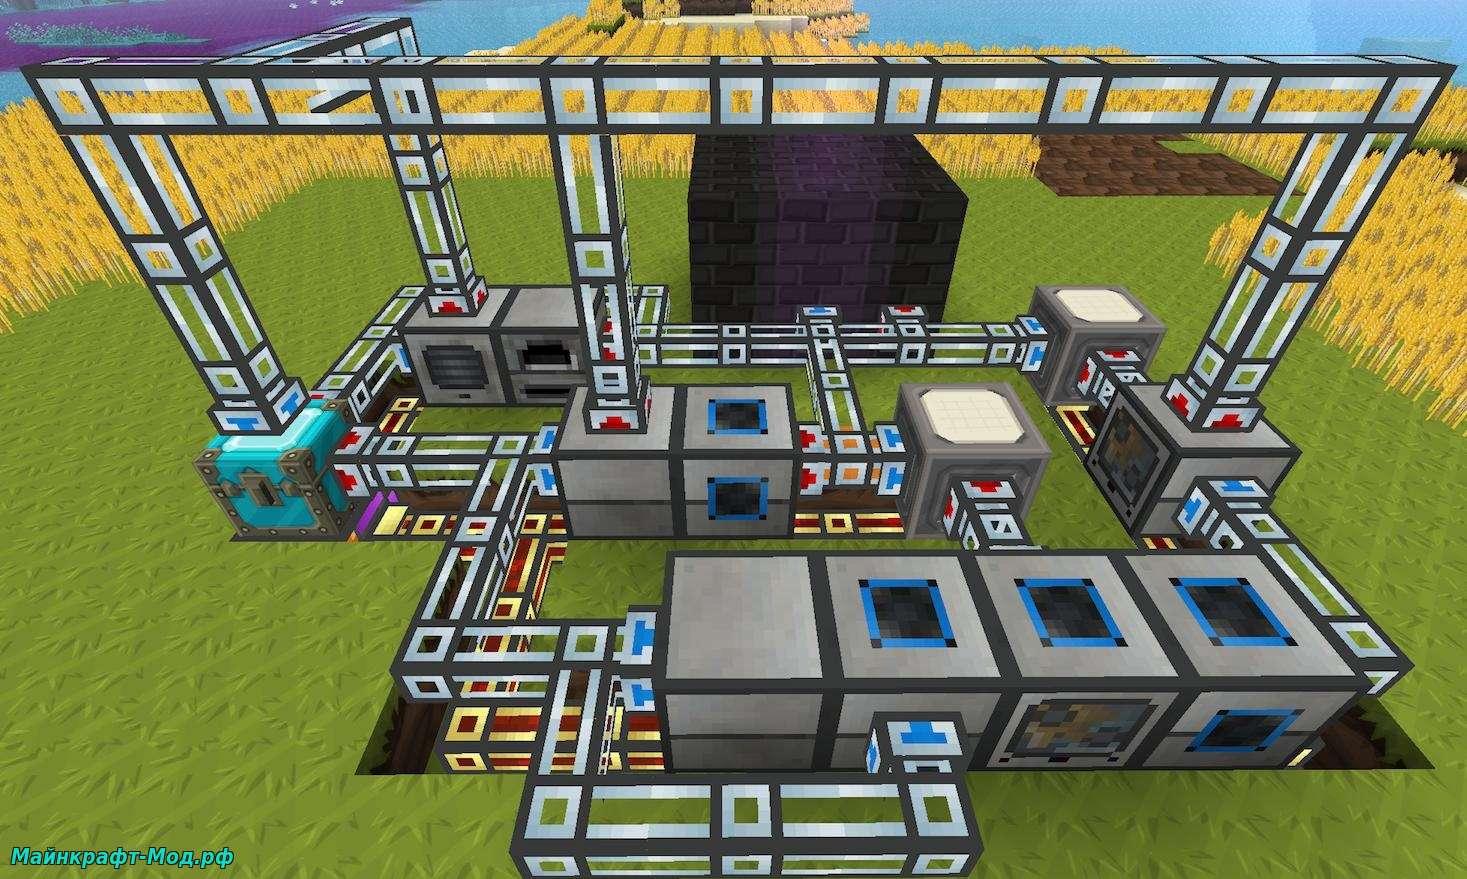 Скачать мод Thermal Expansion для Minecraft 1.7.10 - картинка 1